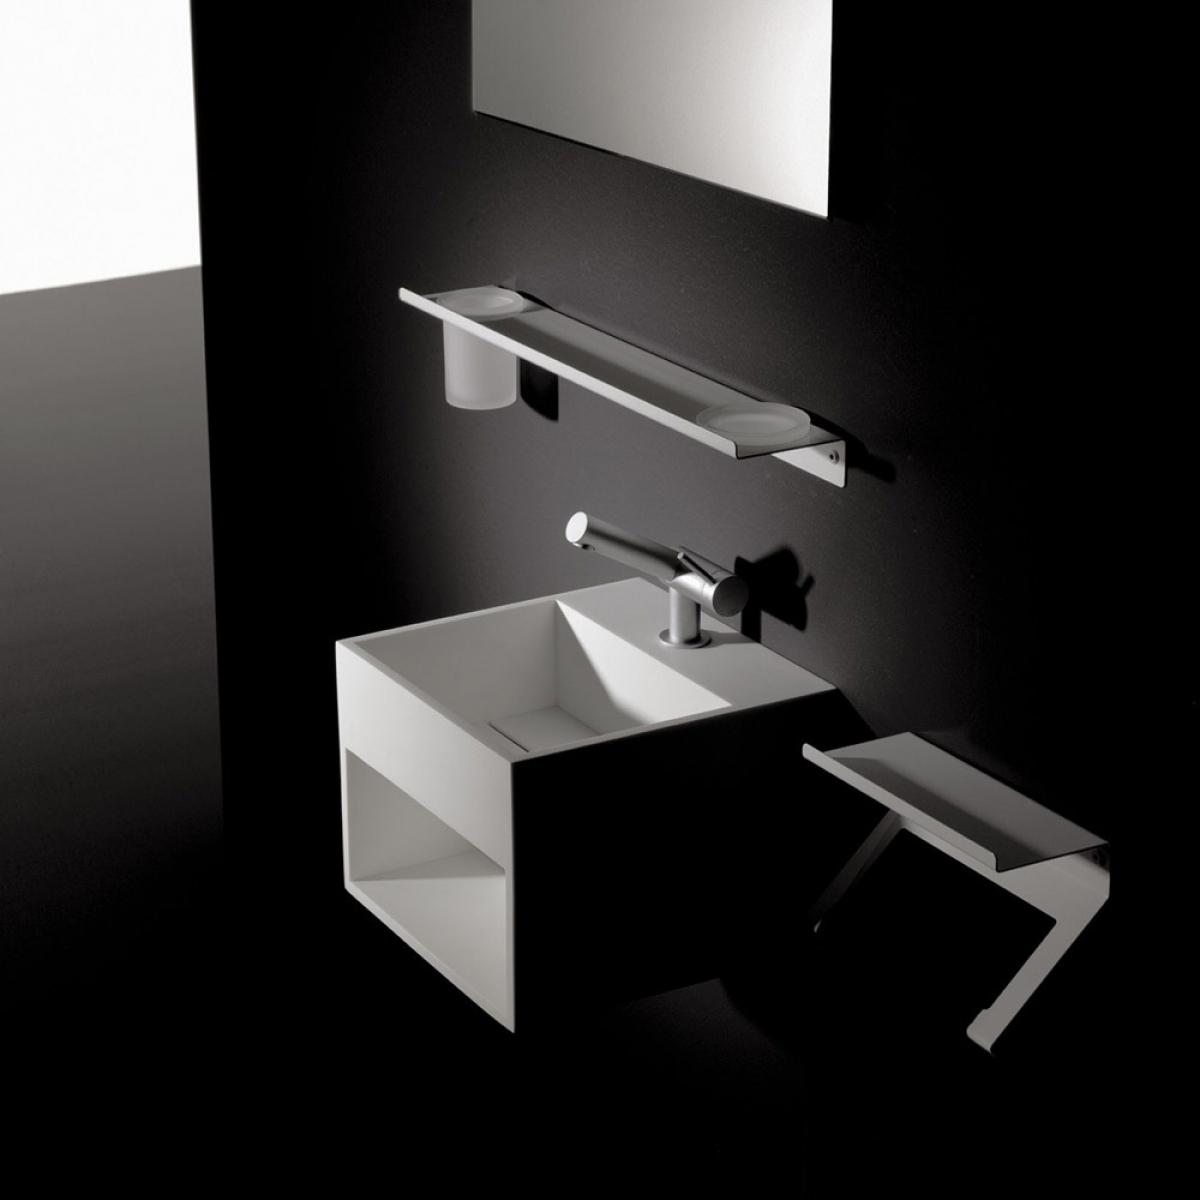 lave mains compact cosmic induscabel salle de bains chauffage et cuisine. Black Bedroom Furniture Sets. Home Design Ideas